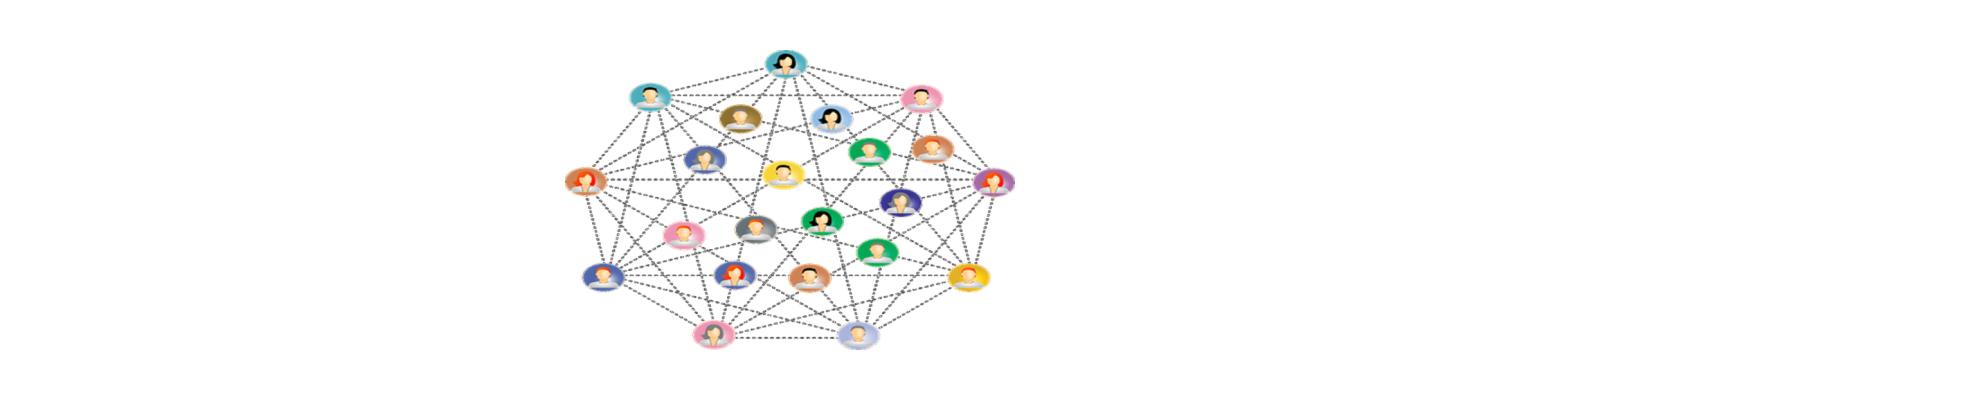 Risorse umane, connessioni, personale